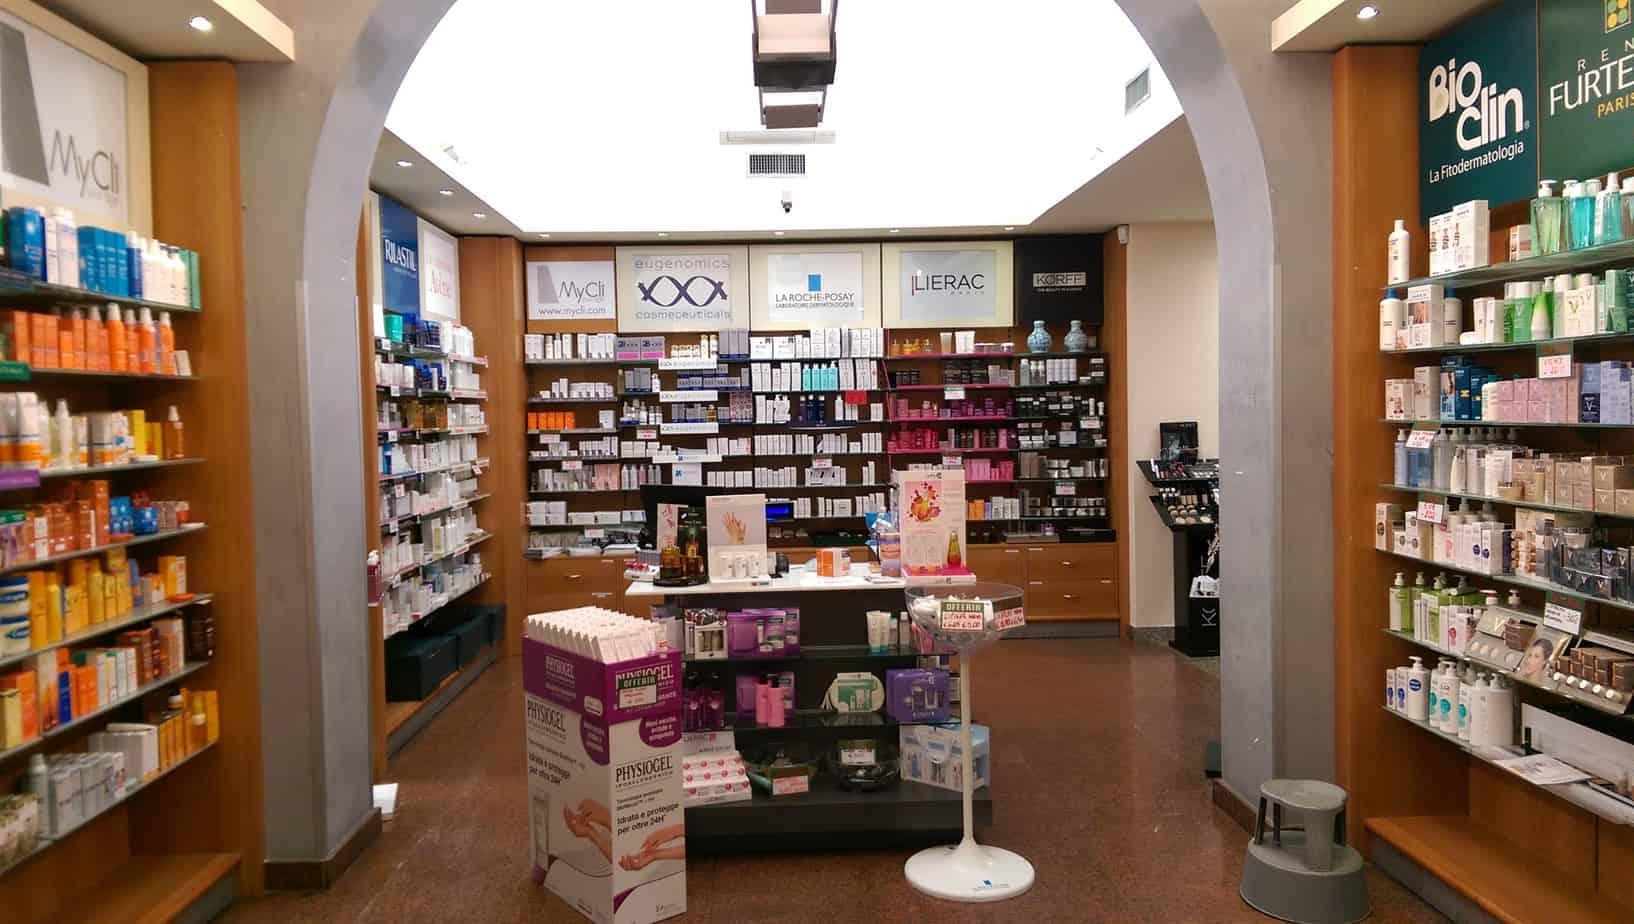 Farmacia porta pia reparto di dermocosmesi farmacia - Farmacia porta pia ...